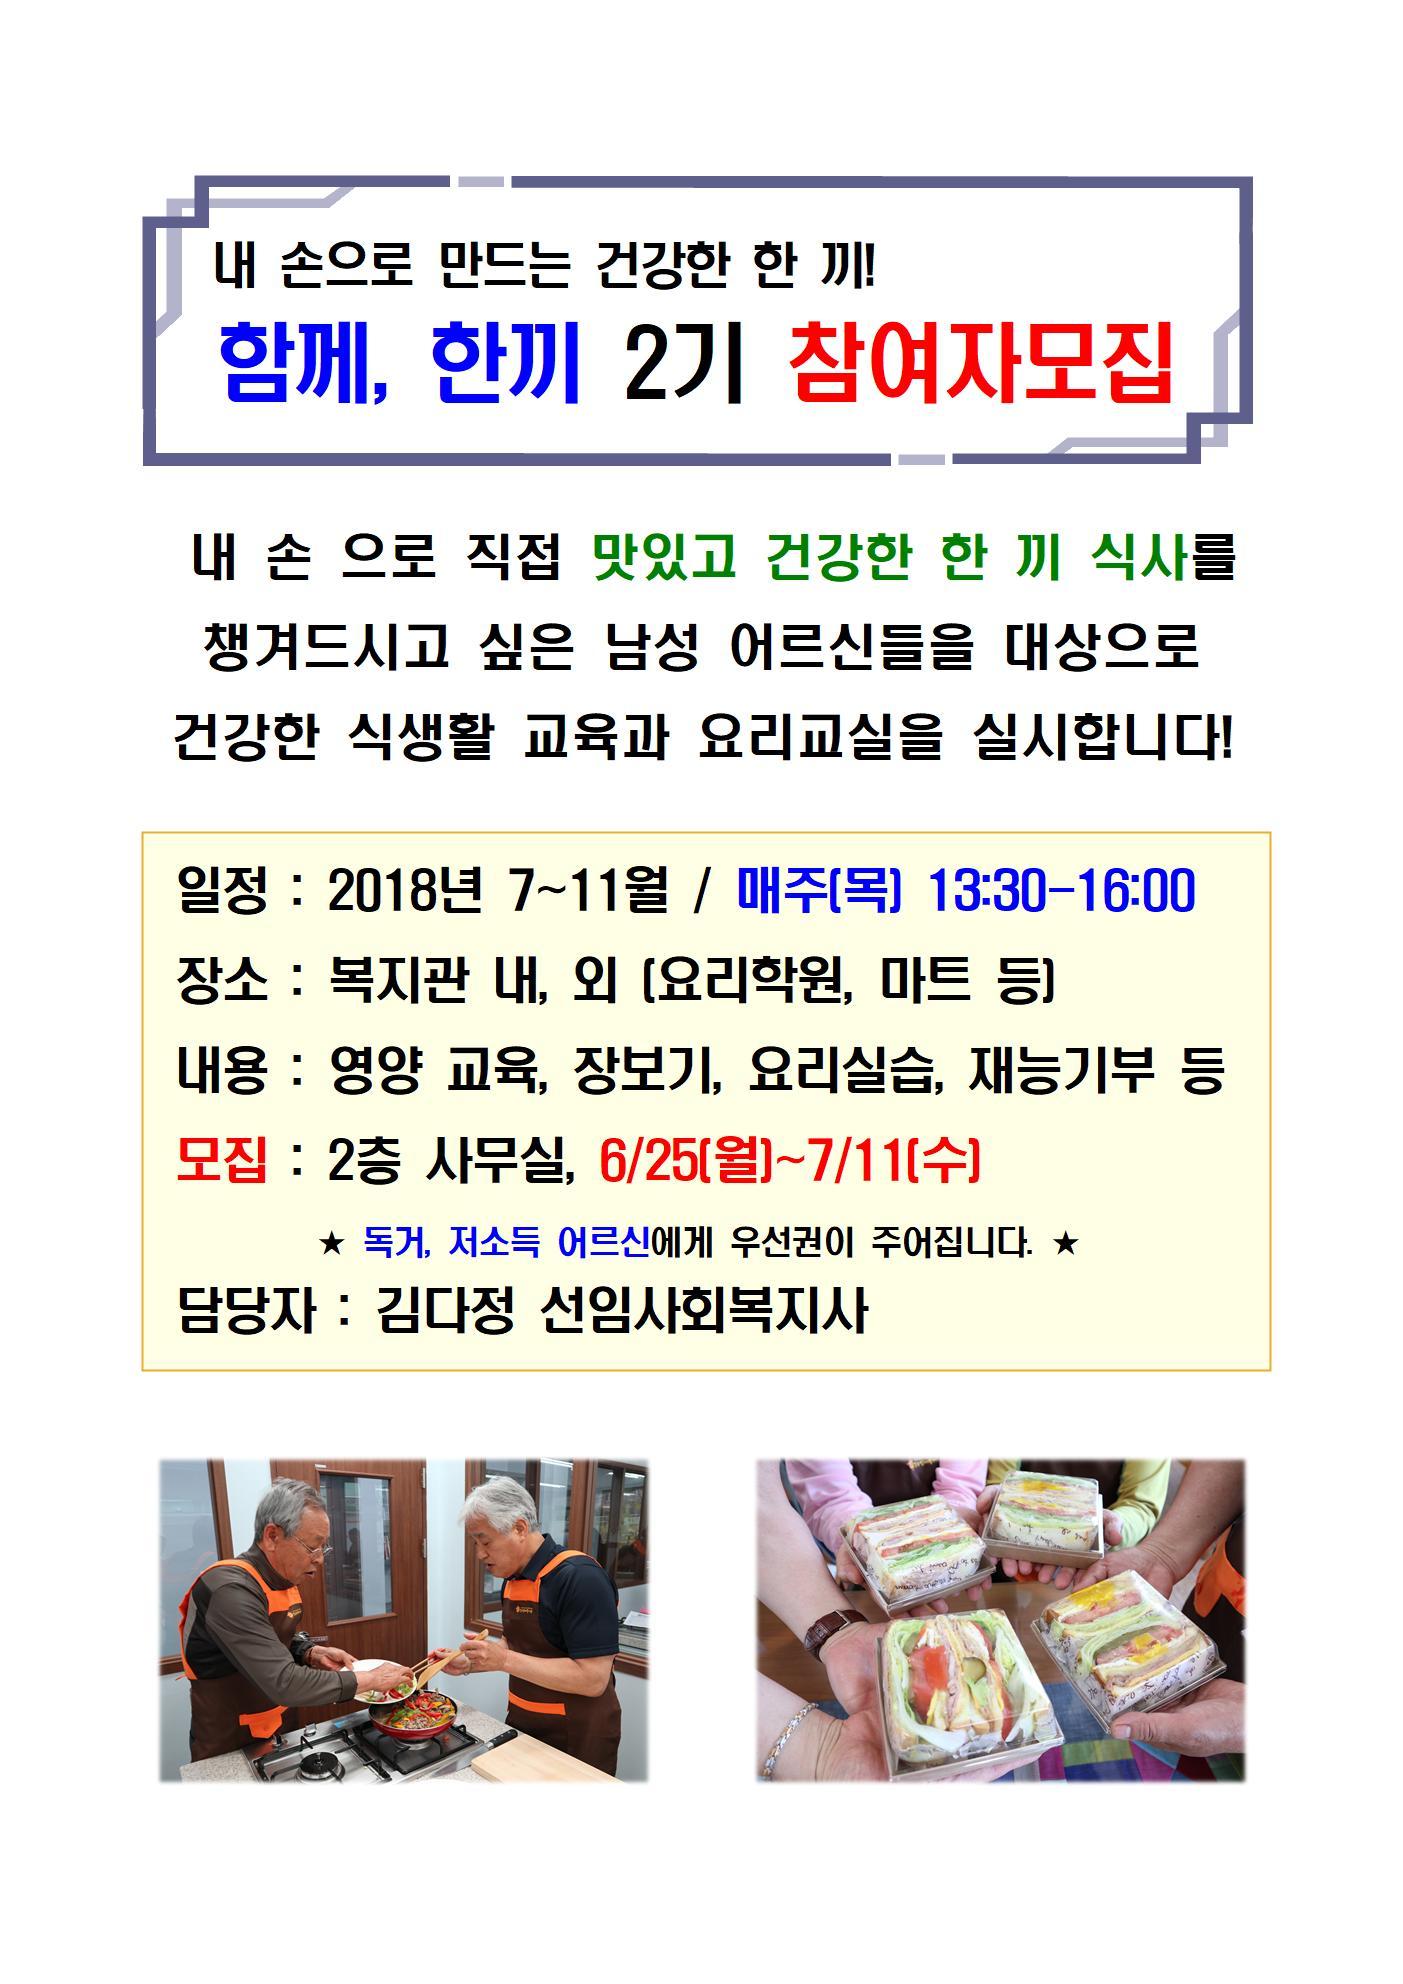 함께 한끼 2기 참여자 모집 홍보A3001.jpg